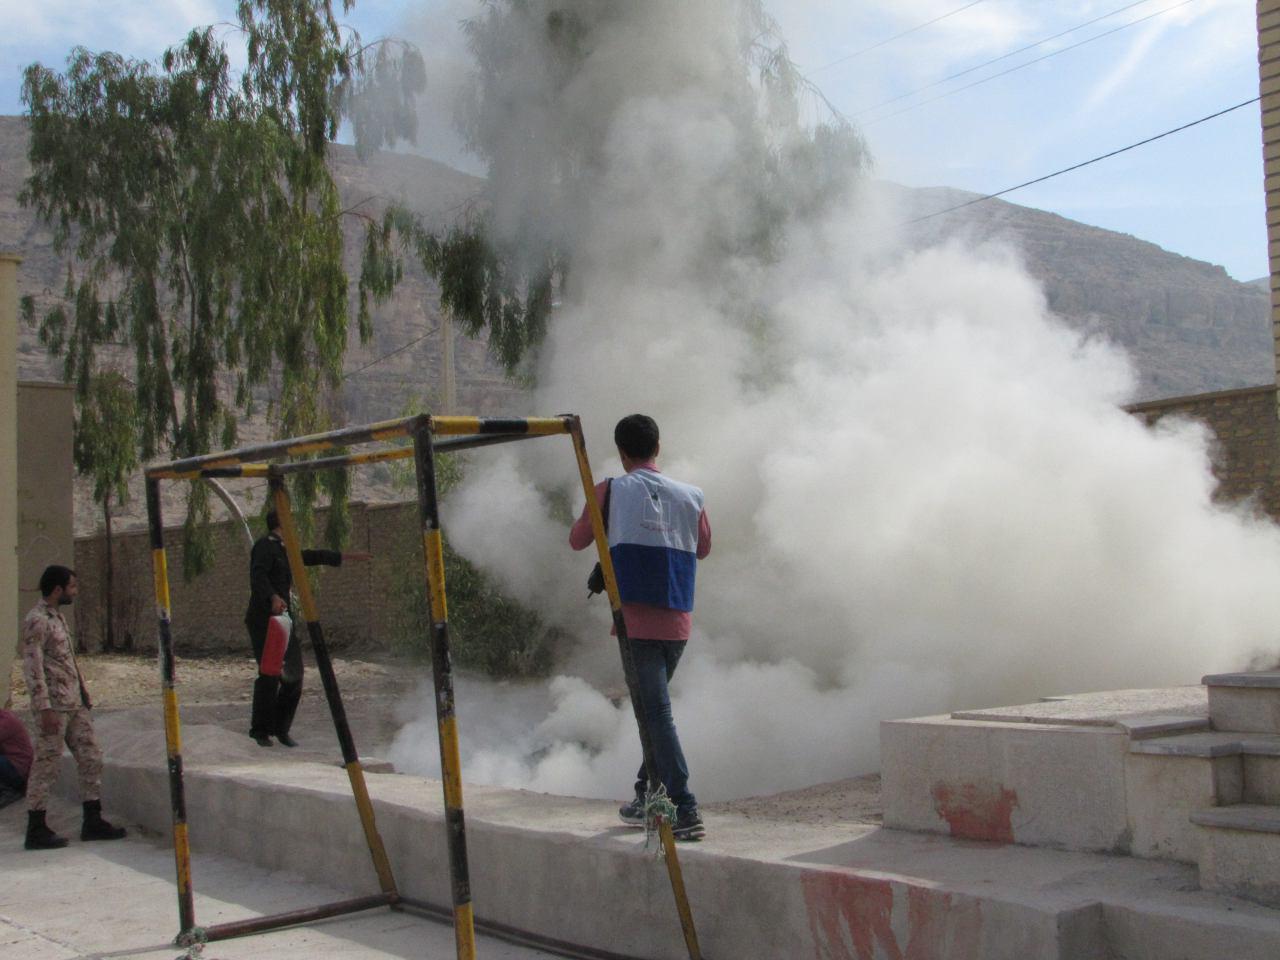 photo_2017-11-07_14-22-28 برگزاری رزمایش پدافند غیرعامل در شهرستان فراشبند